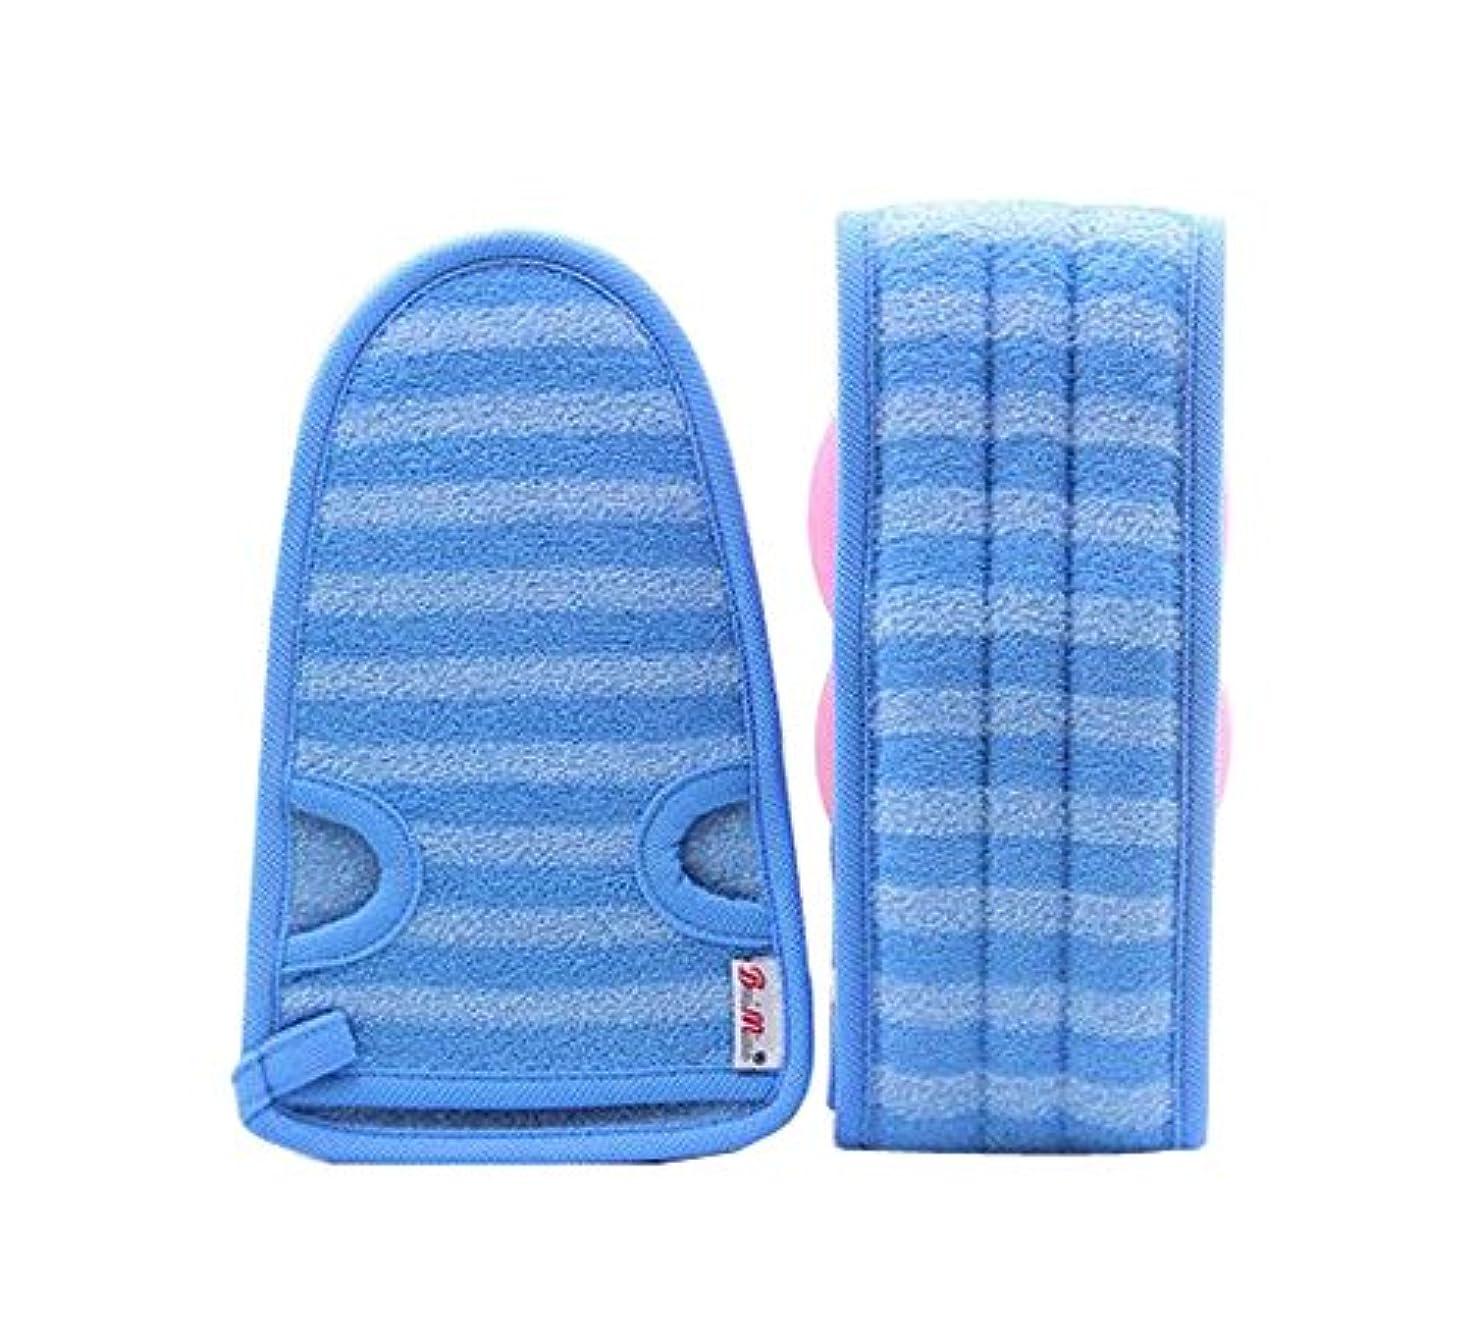 飢大学生増幅器2つの柔らかいバスミットの剥離手袋バス用ベルト、青